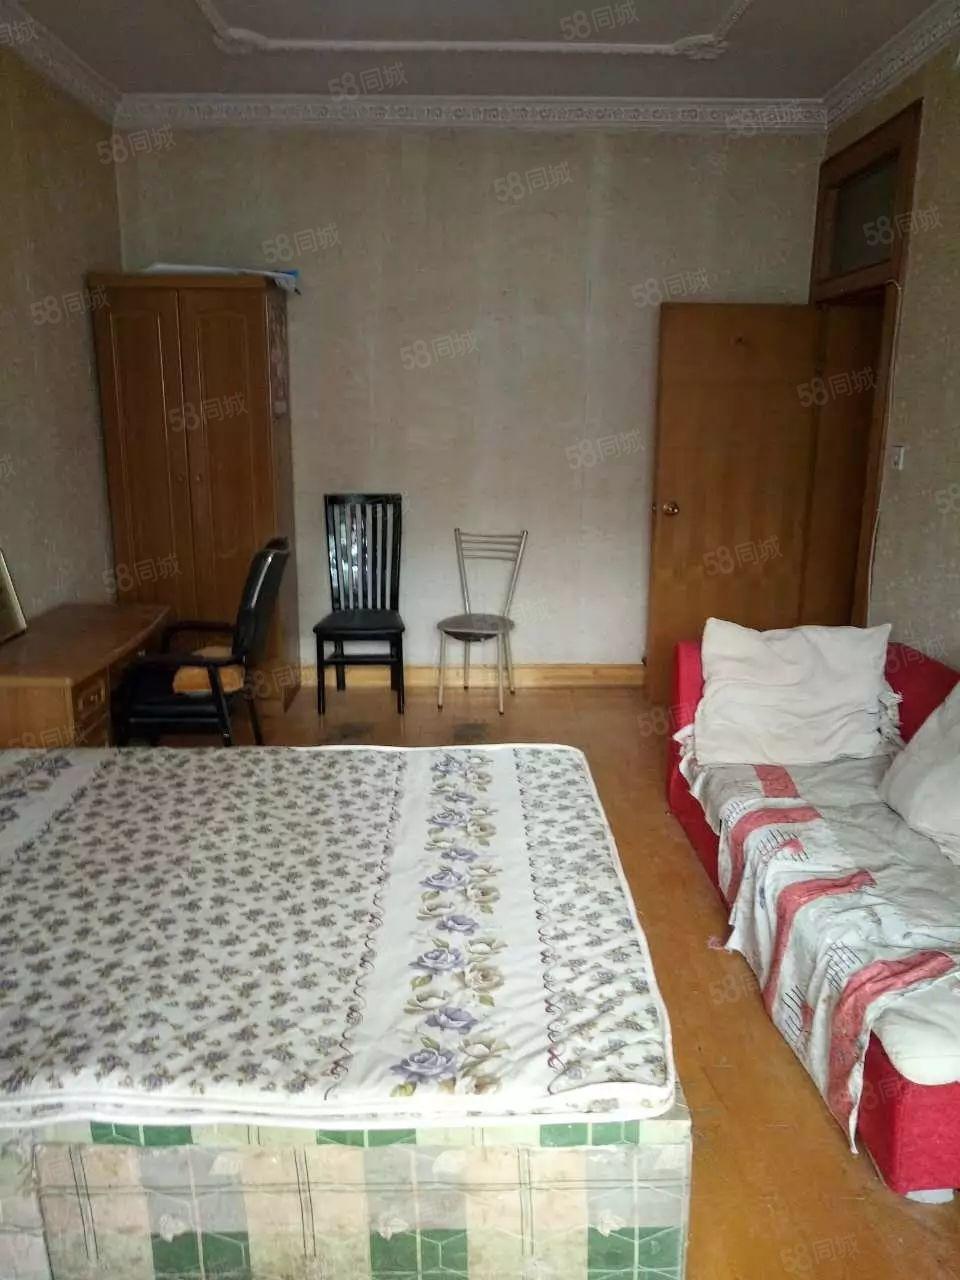 珠江荣域位于汉江路郑密路近帝湖空调洗衣机飘窗能洗澡做饭拎包住